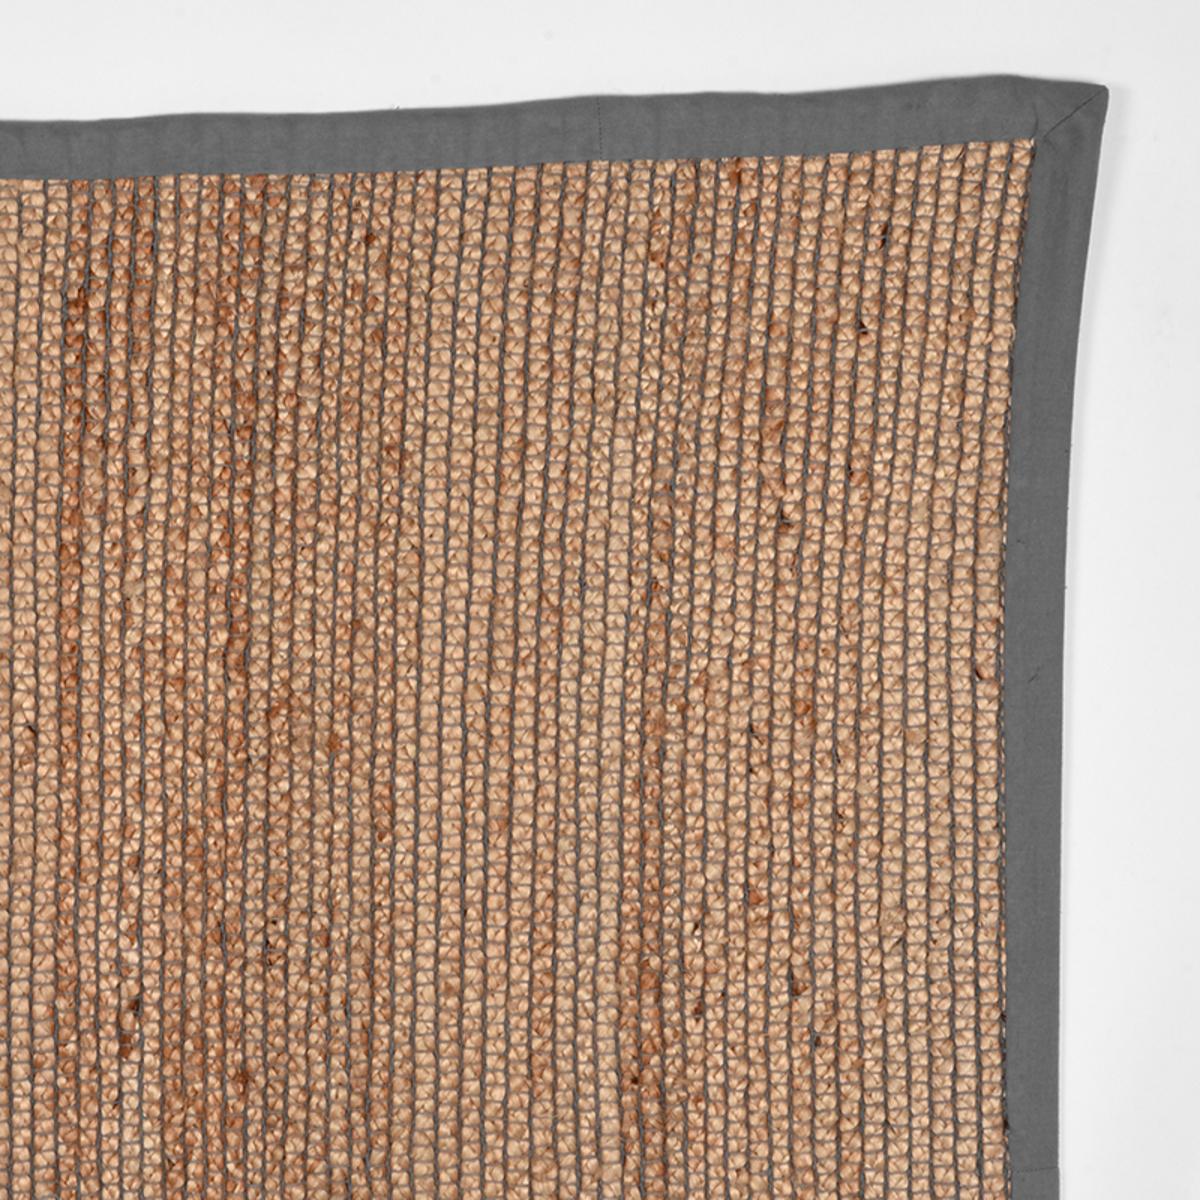 Vloerkleed Jute - Grijs - Jute - 160x230 Cm